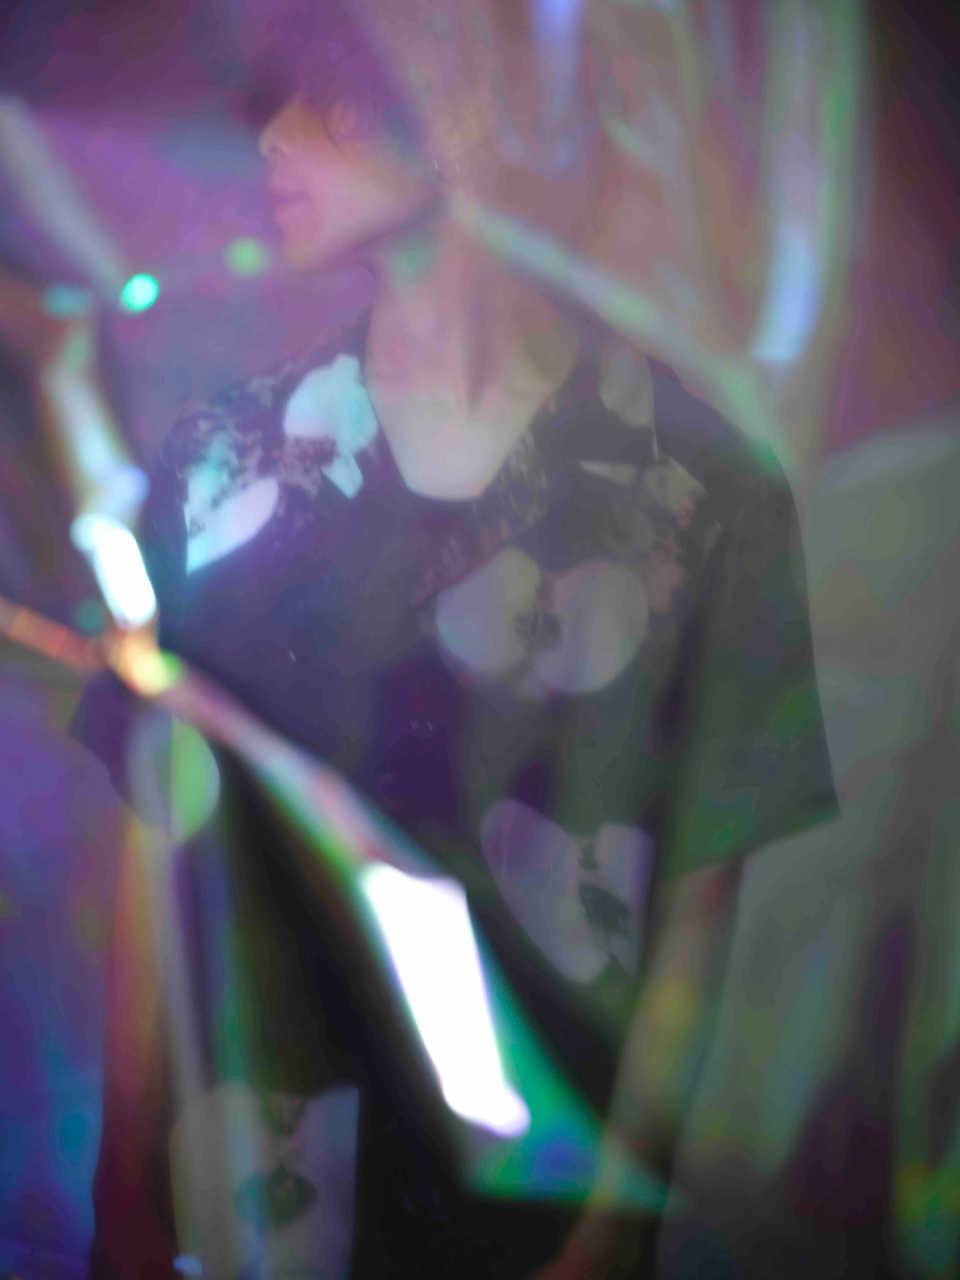 須田景凪 タワレコの次世代アーティスト応援企画の第4弾アーティストに!